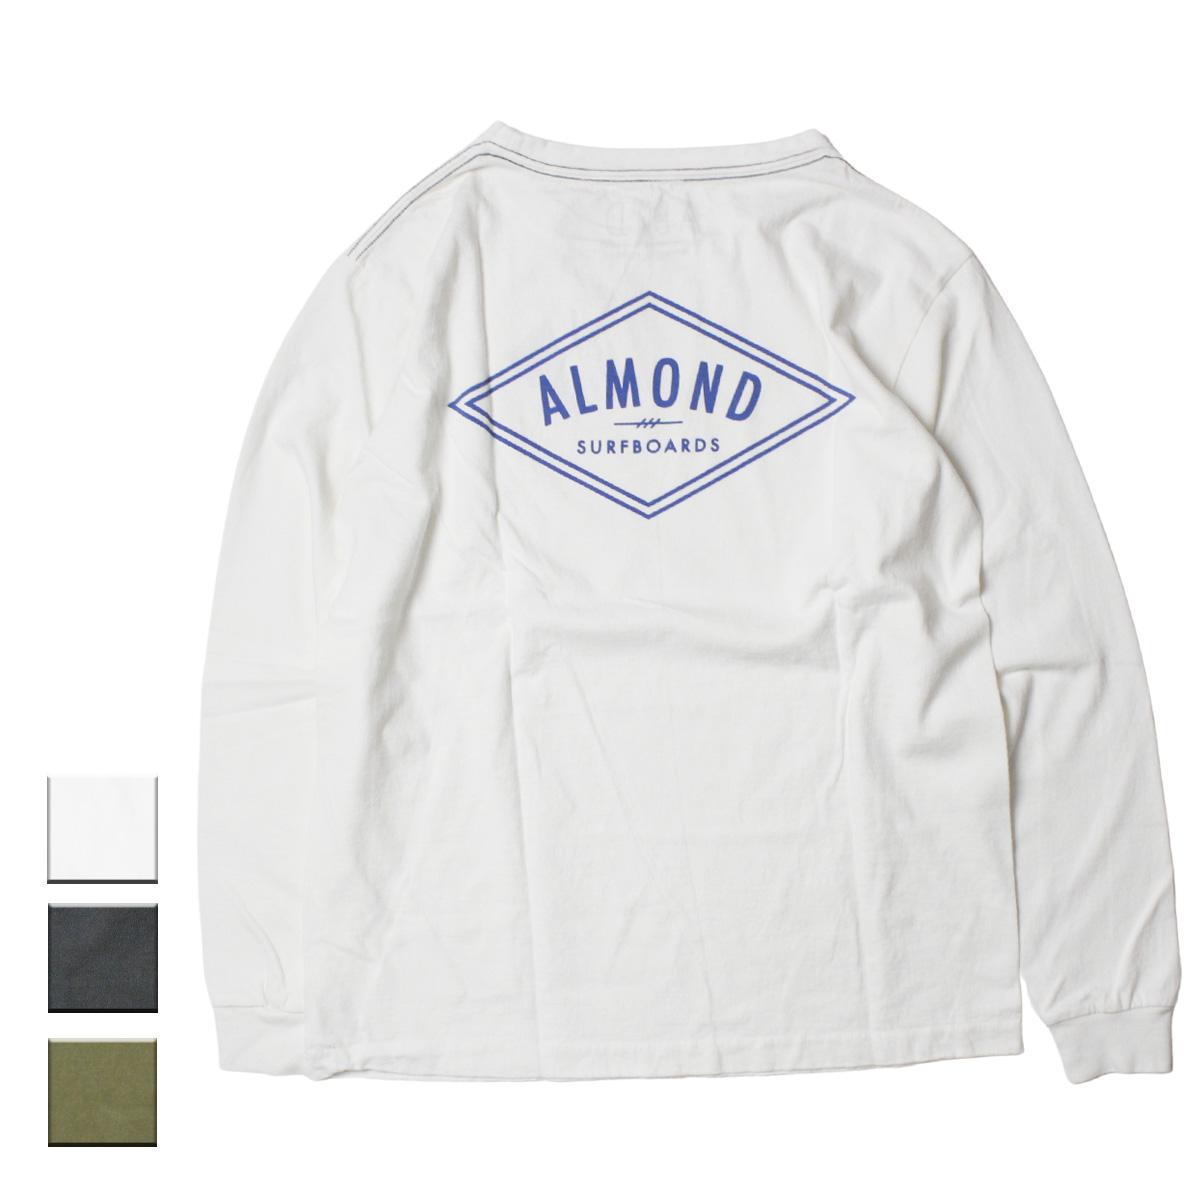 Almond Surf アーモンドサーフボードデザイン DECADES L/S T-SHIRTS